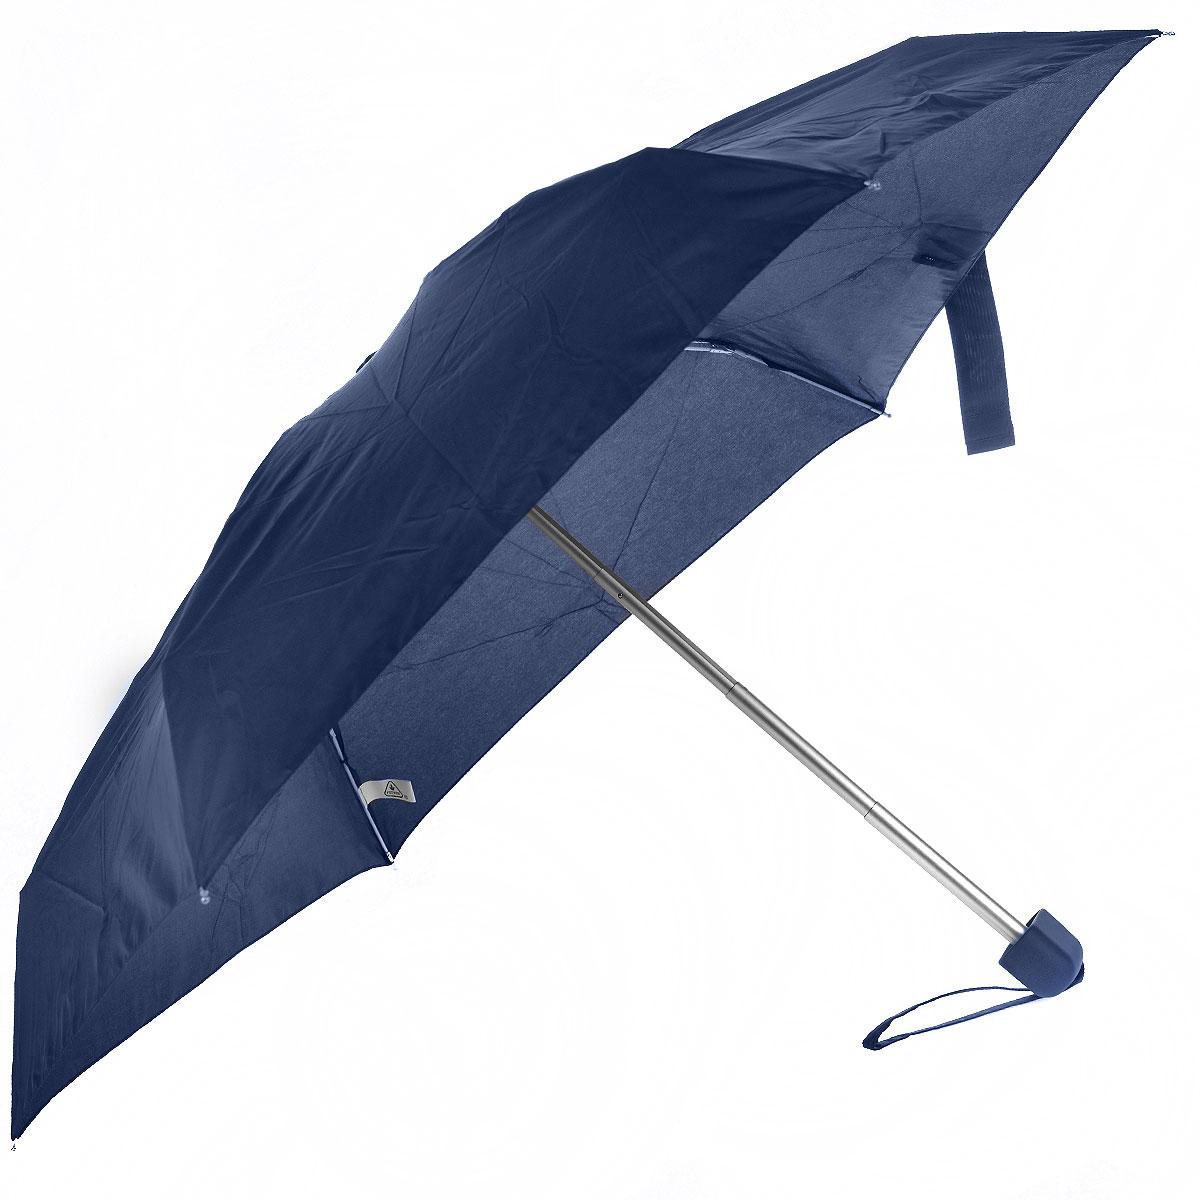 """Зонт Fulton, механический, 5 сложений, цвет: темно-синий. L500 3S033L500 3S033Стильный сверхкомпактный зонт """"Fulton"""" защитит от непогоды, а его компактный размер позволит вам всегда носить его с собой. """"Ветростойкий"""" плоский алюминиевый каркас зонта в 5 сложений состоит из шести спиц с элементами из фибергласса, зонт оснащен удобной рукояткой из прорезиненного пластика. Купол зонта выполнен из прочного полиэстера темно-синего цвета. На рукоятке для удобства есть небольшой шнурок, позволяющий надеть зонт на руку тогда, когда это будет необходимо. К зонту прилагается чехол. Зонт механического сложения: купол открывается и закрывается вручную, стержень также складывается вручную до характерного щелчка."""